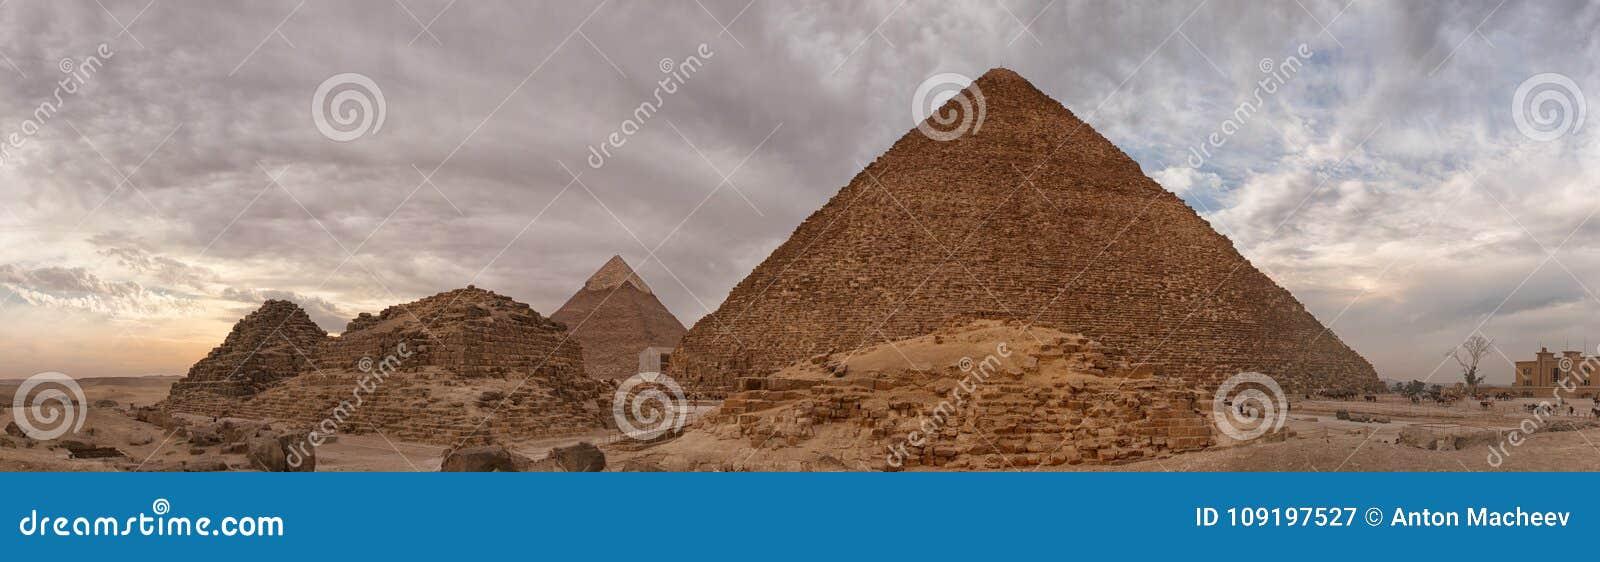 Panorama da pirâmide de Cheops em Egito